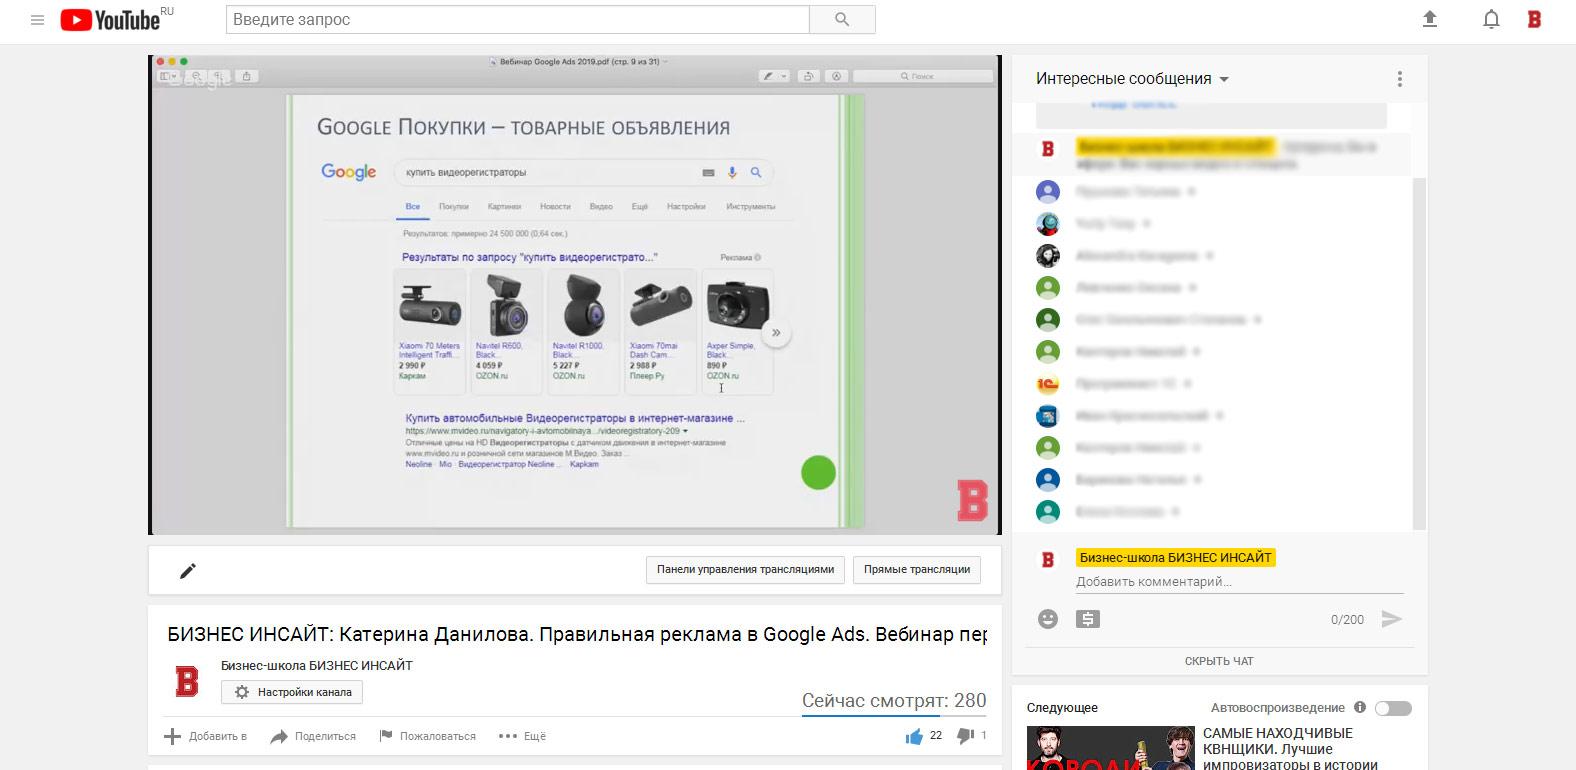 Катерина Данилова провела открытый (бесплатный) вебинар на площадке БИЗНЕС ИНСАЙТ